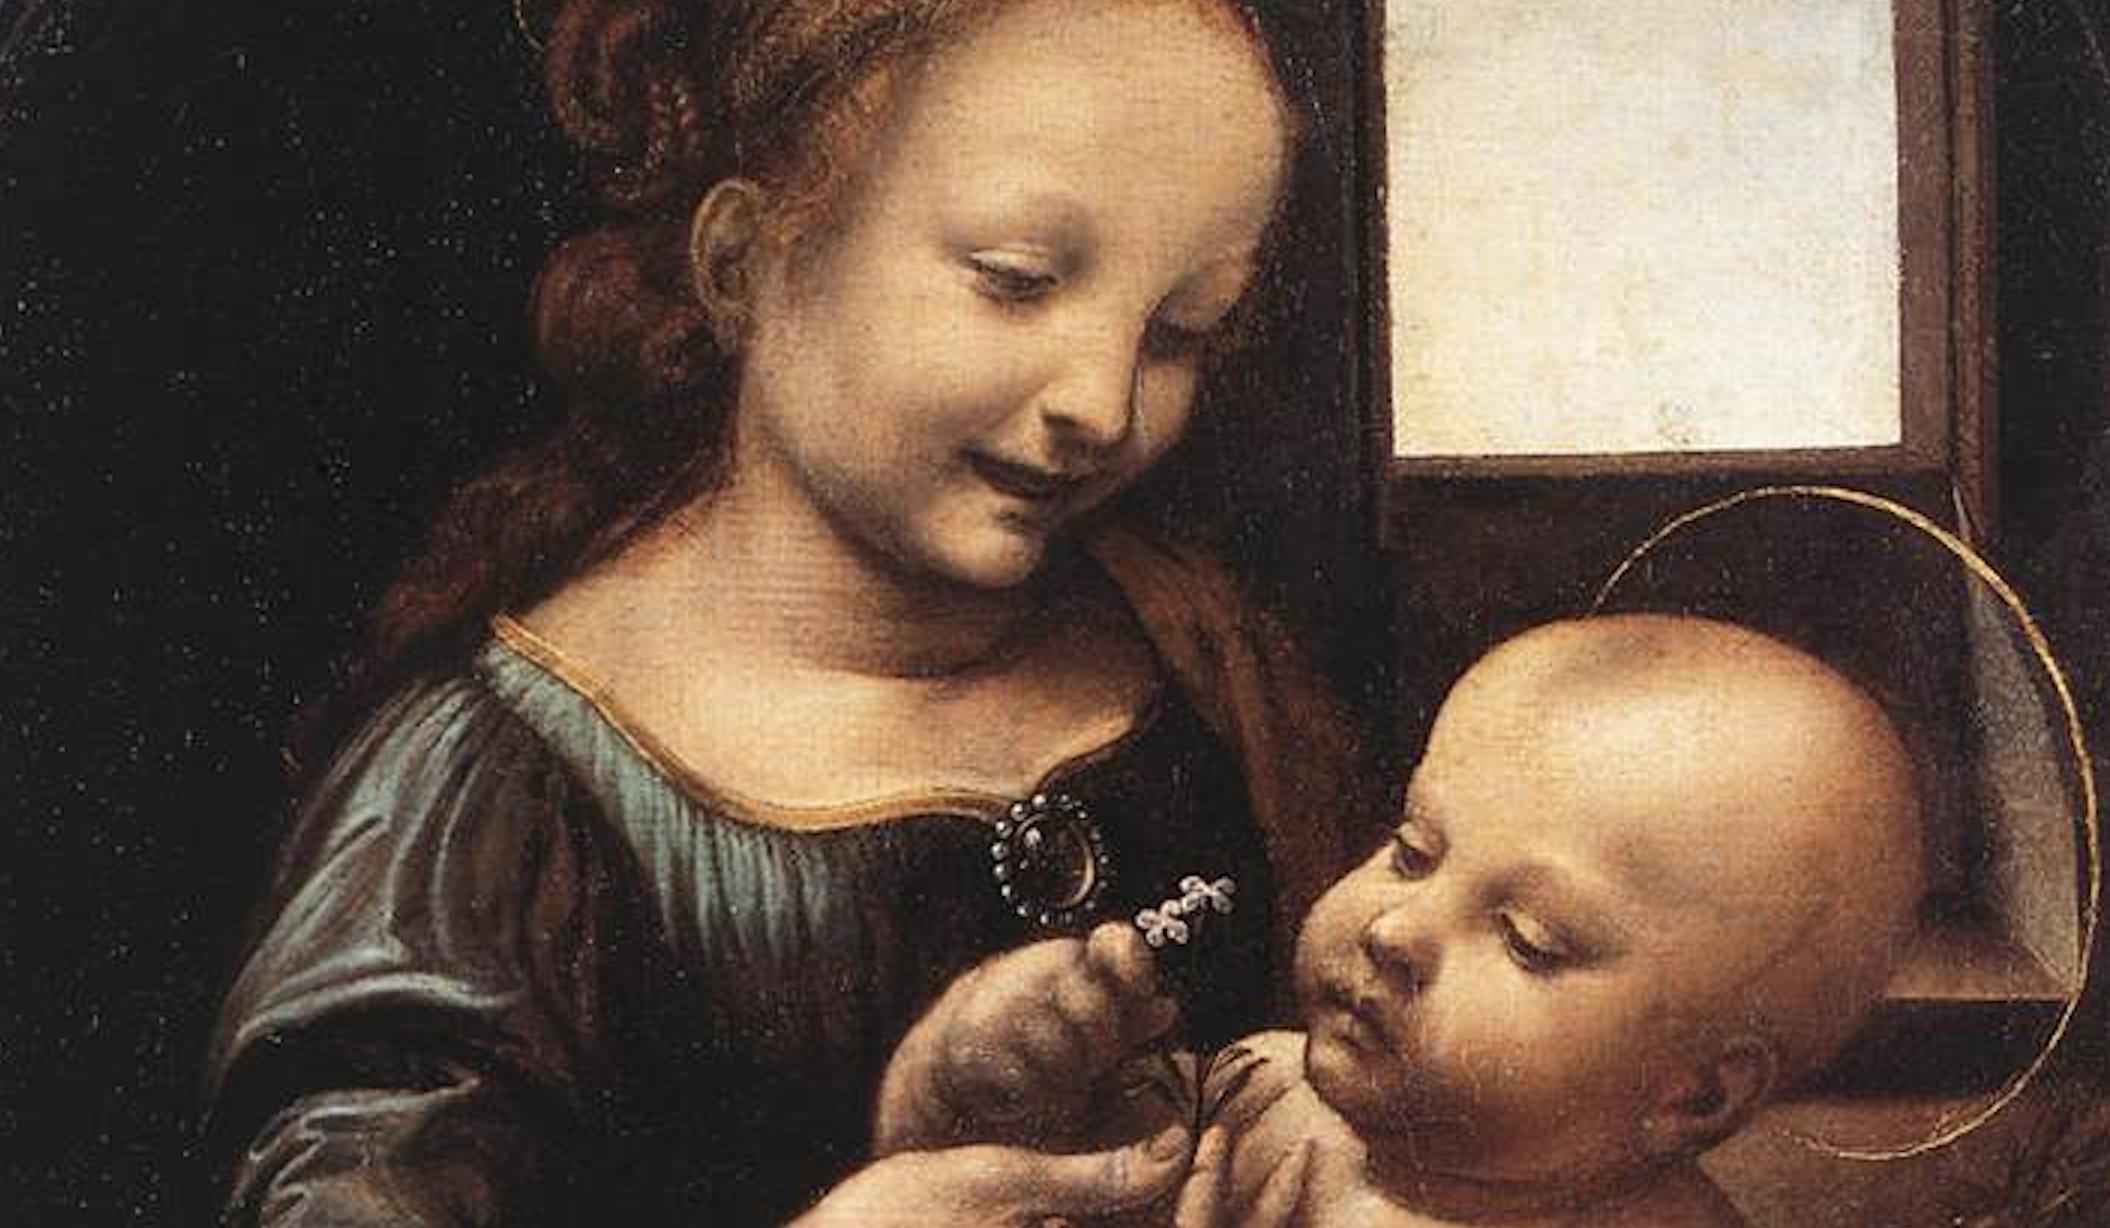 1478, anno chiave per Leonardo. Ne parlano Nuova Fondazione Pedretti e Università di Urbino